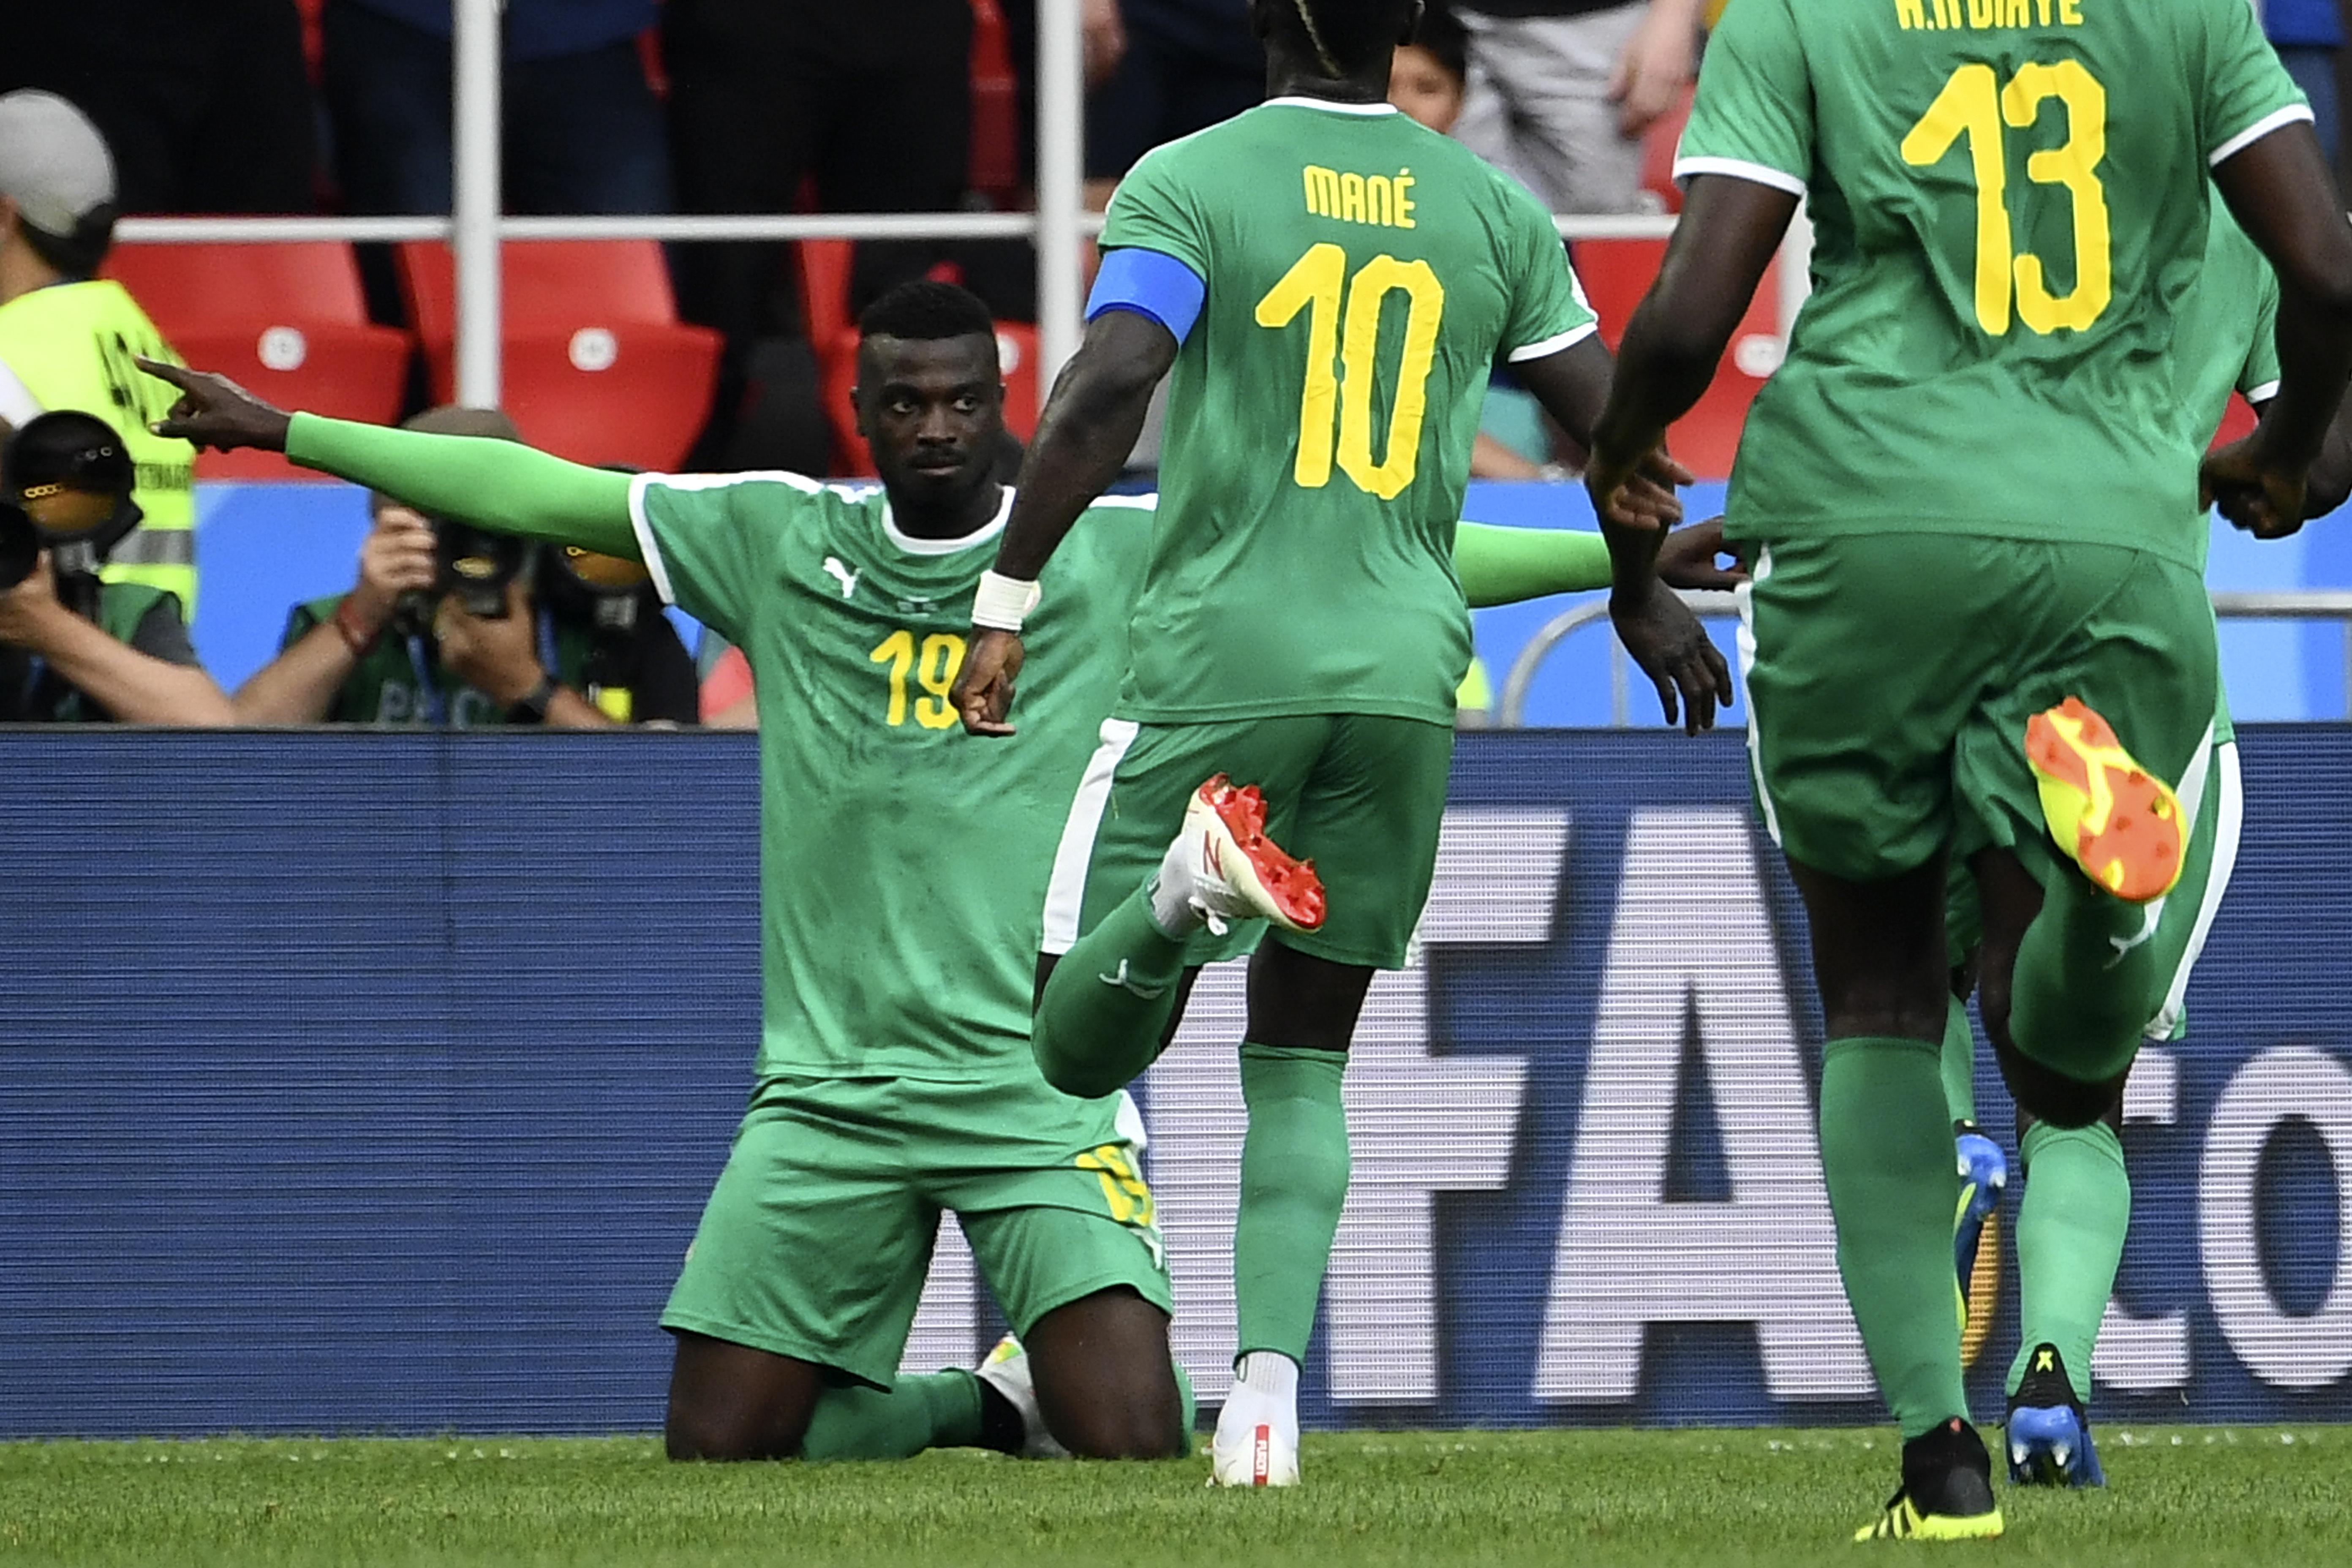 Ajándékoztak még egy gólt a lengyelek a szenegáliaknak